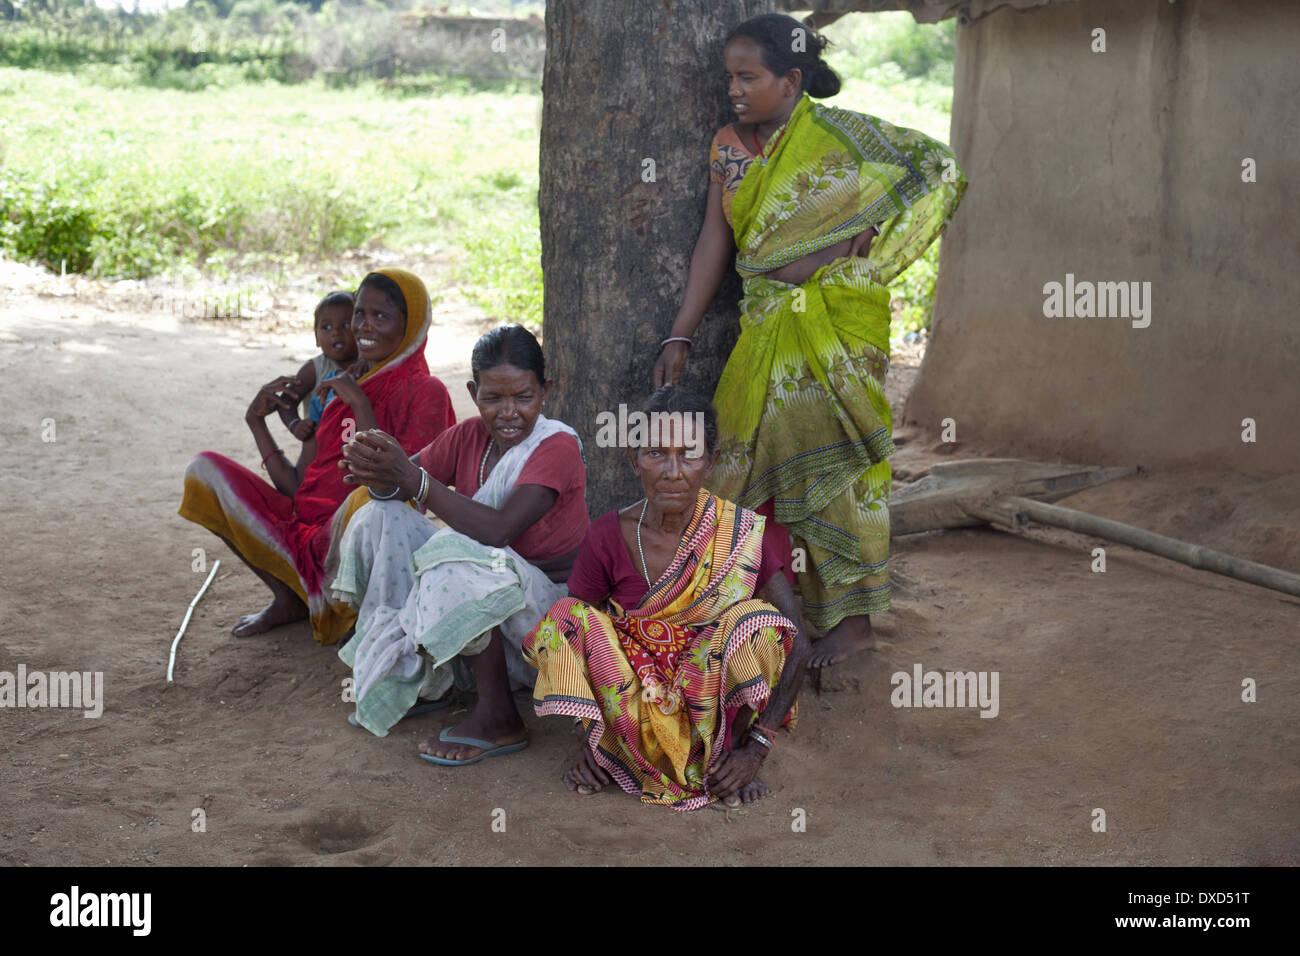 Group of tribal women enjoying lesure time. Soren tribe. Jamuniatand village, Bokaro district, Jharkhand - Stock Image